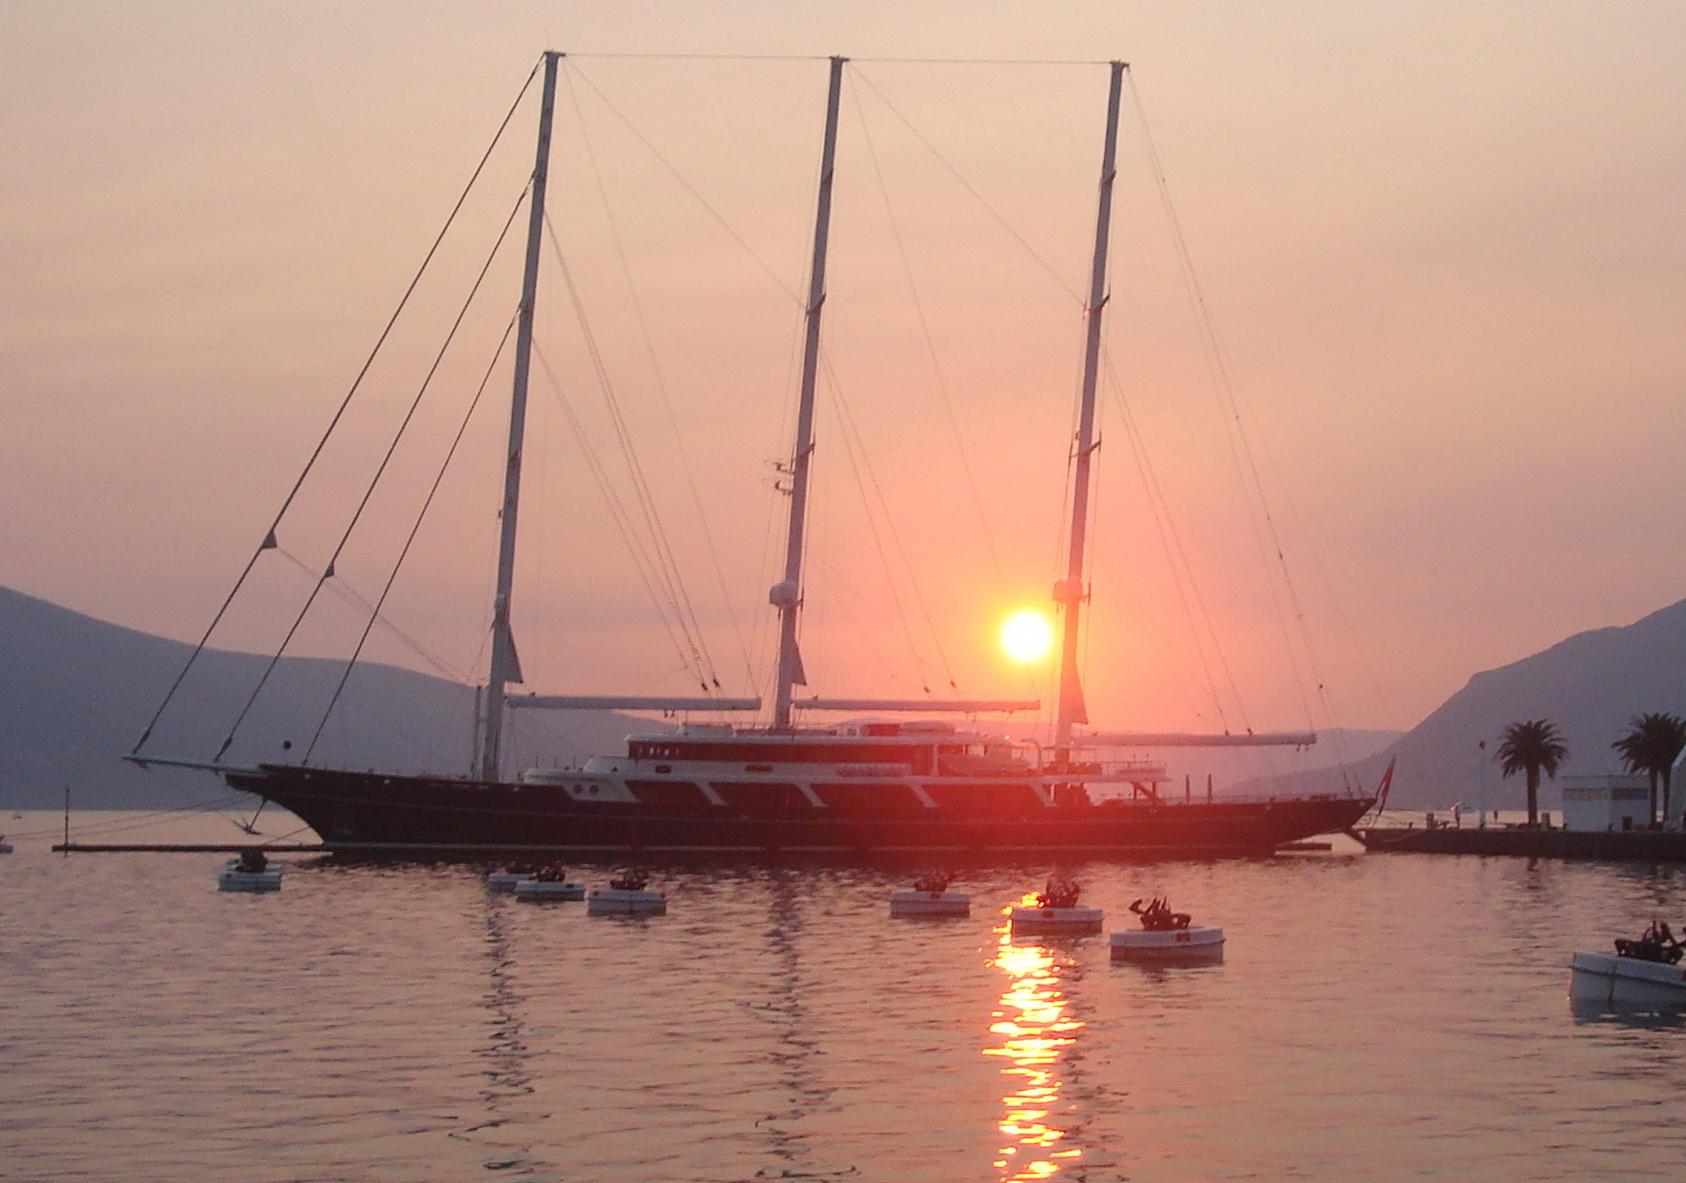 Mit 93 m Länge über Alles ist 'Eos' die zweitlängste Segelyacht der Welt © Lürssen